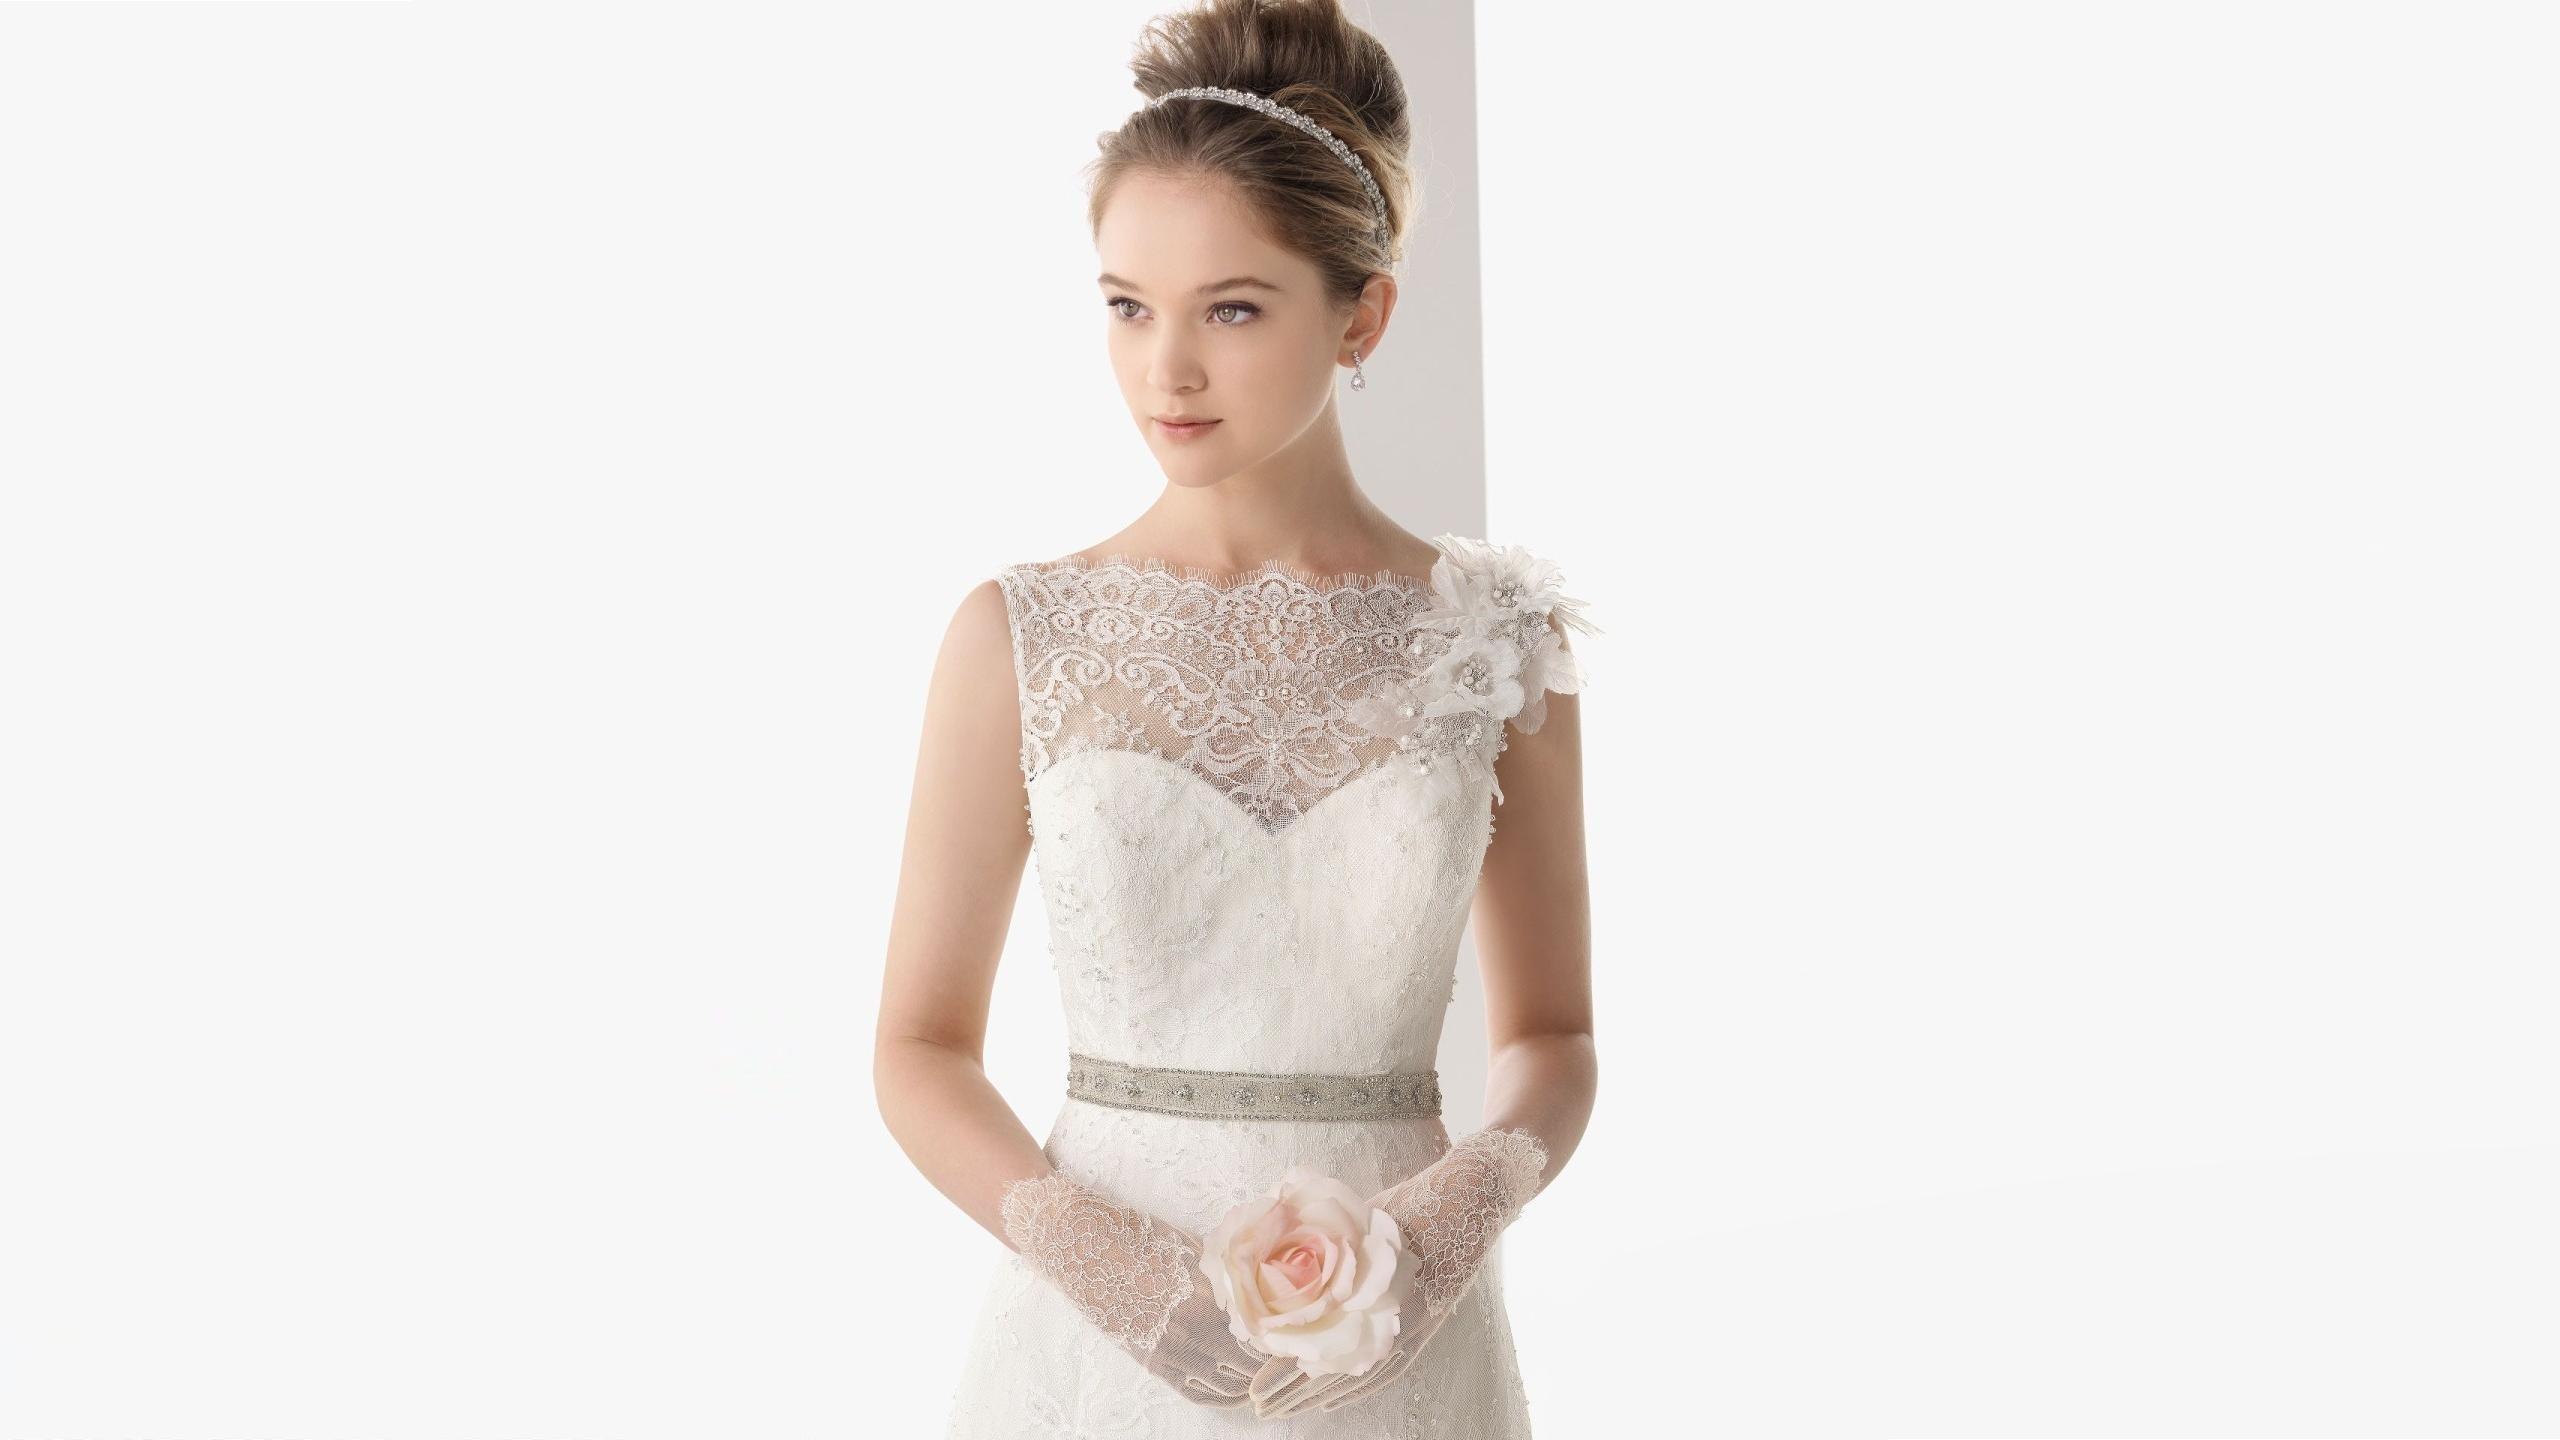 Wallpaper : White, Wedding Dress, Lace, Flower, Girl